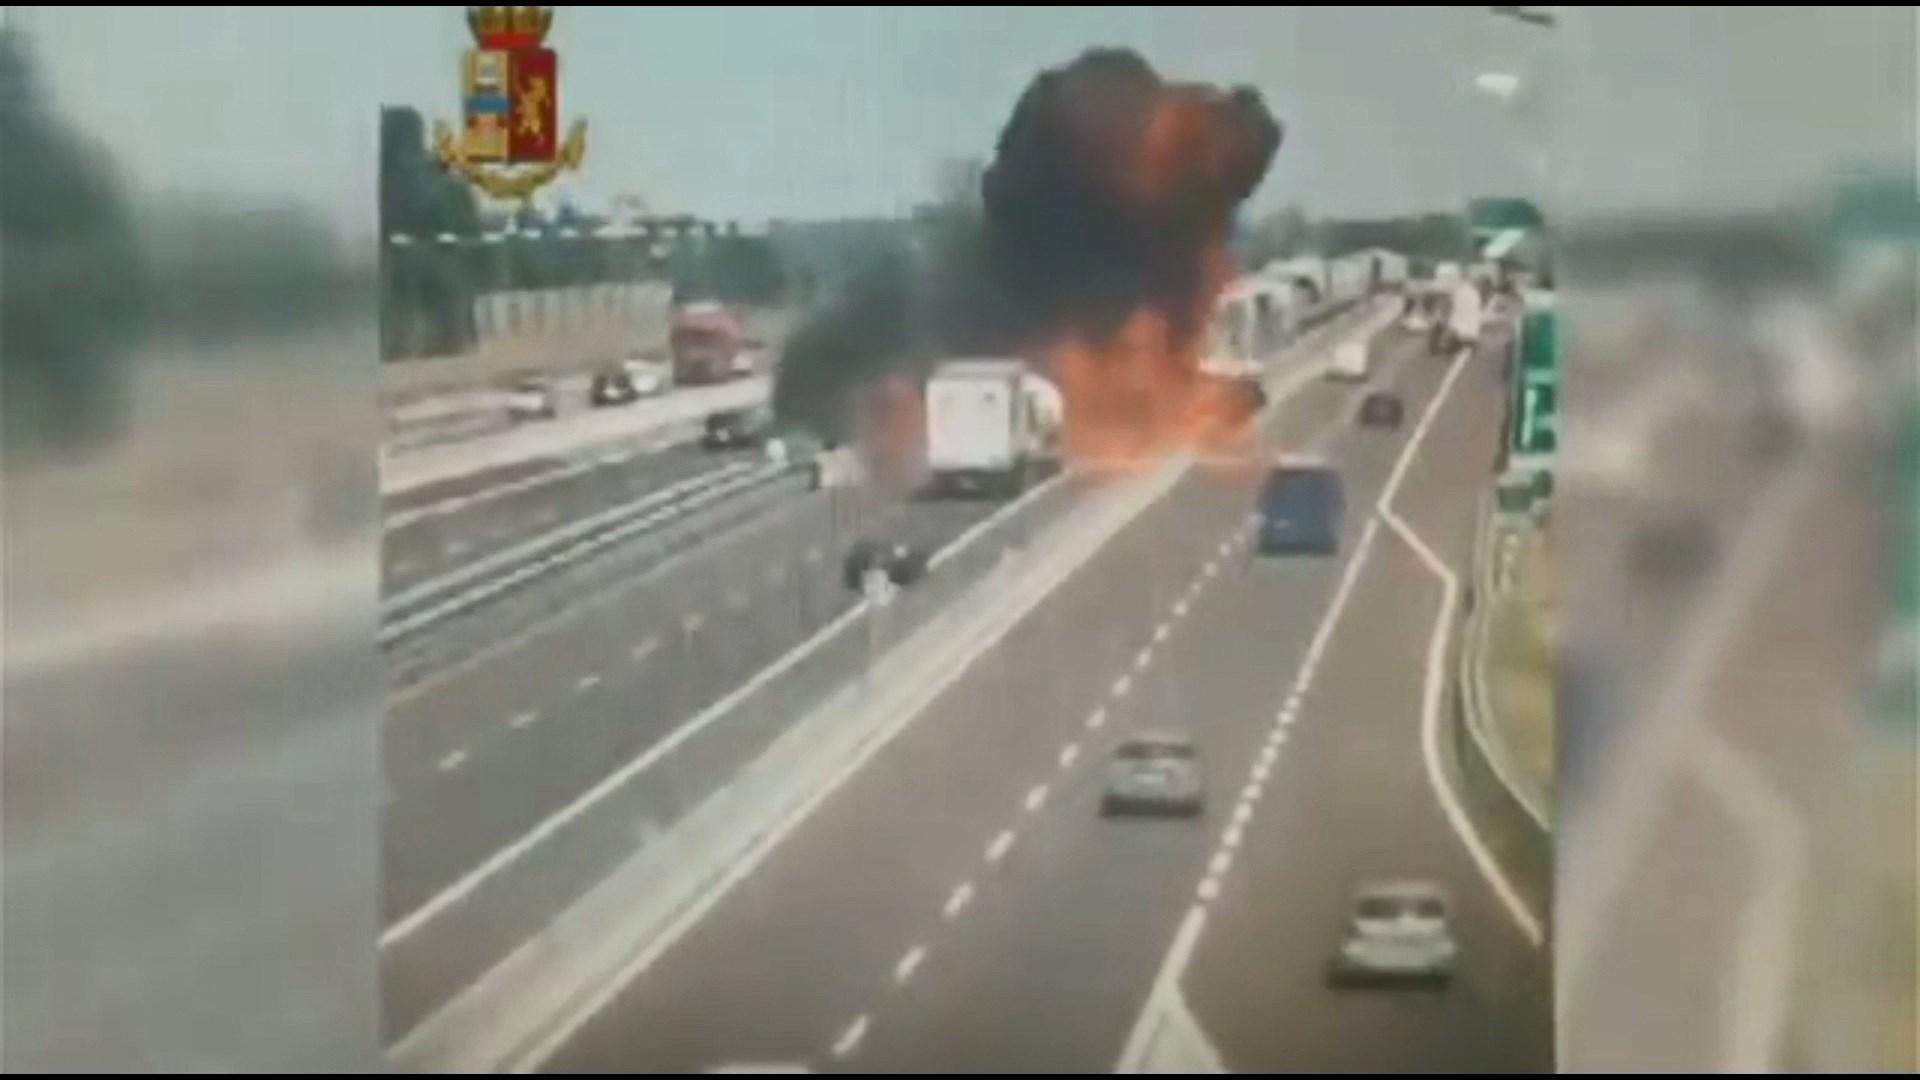 Një viktimë e dhjetëra të plagosur nga shpërthimi në Bolonja